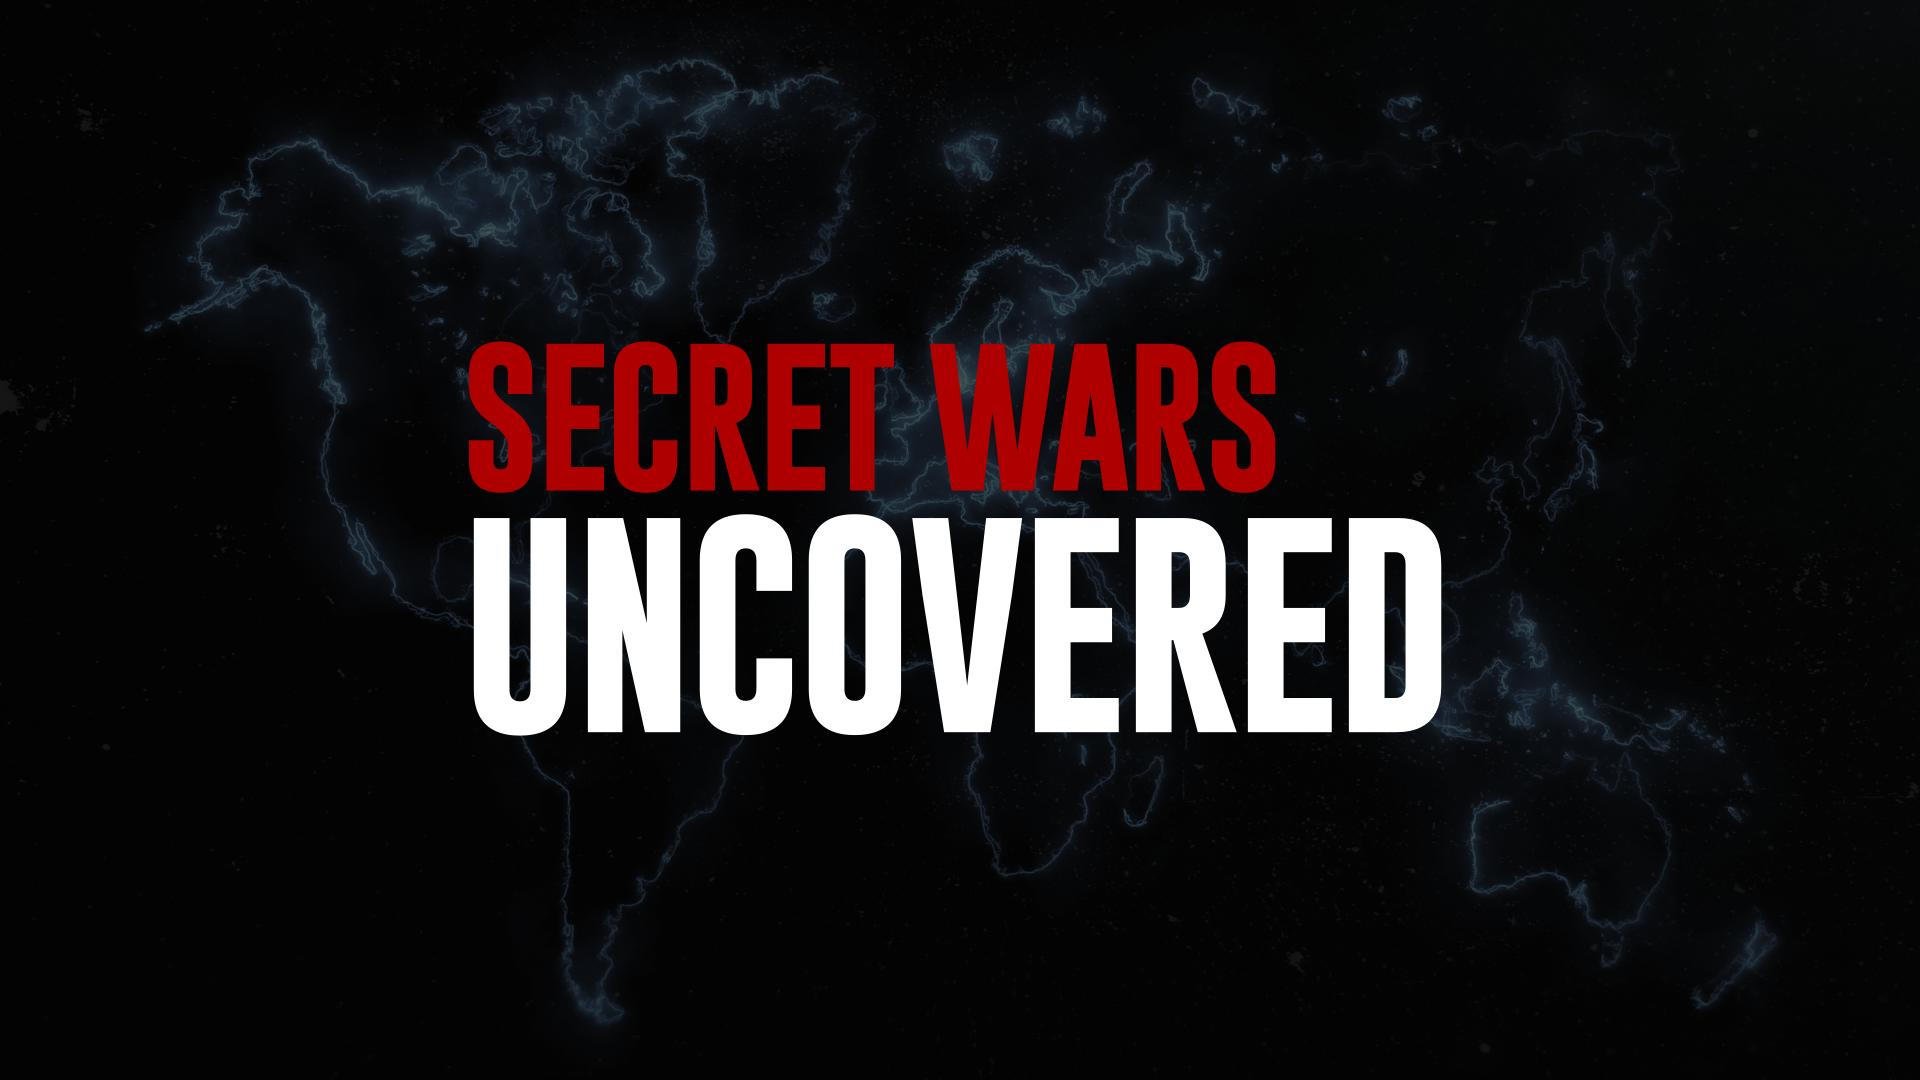 Secret Wars Uncovered